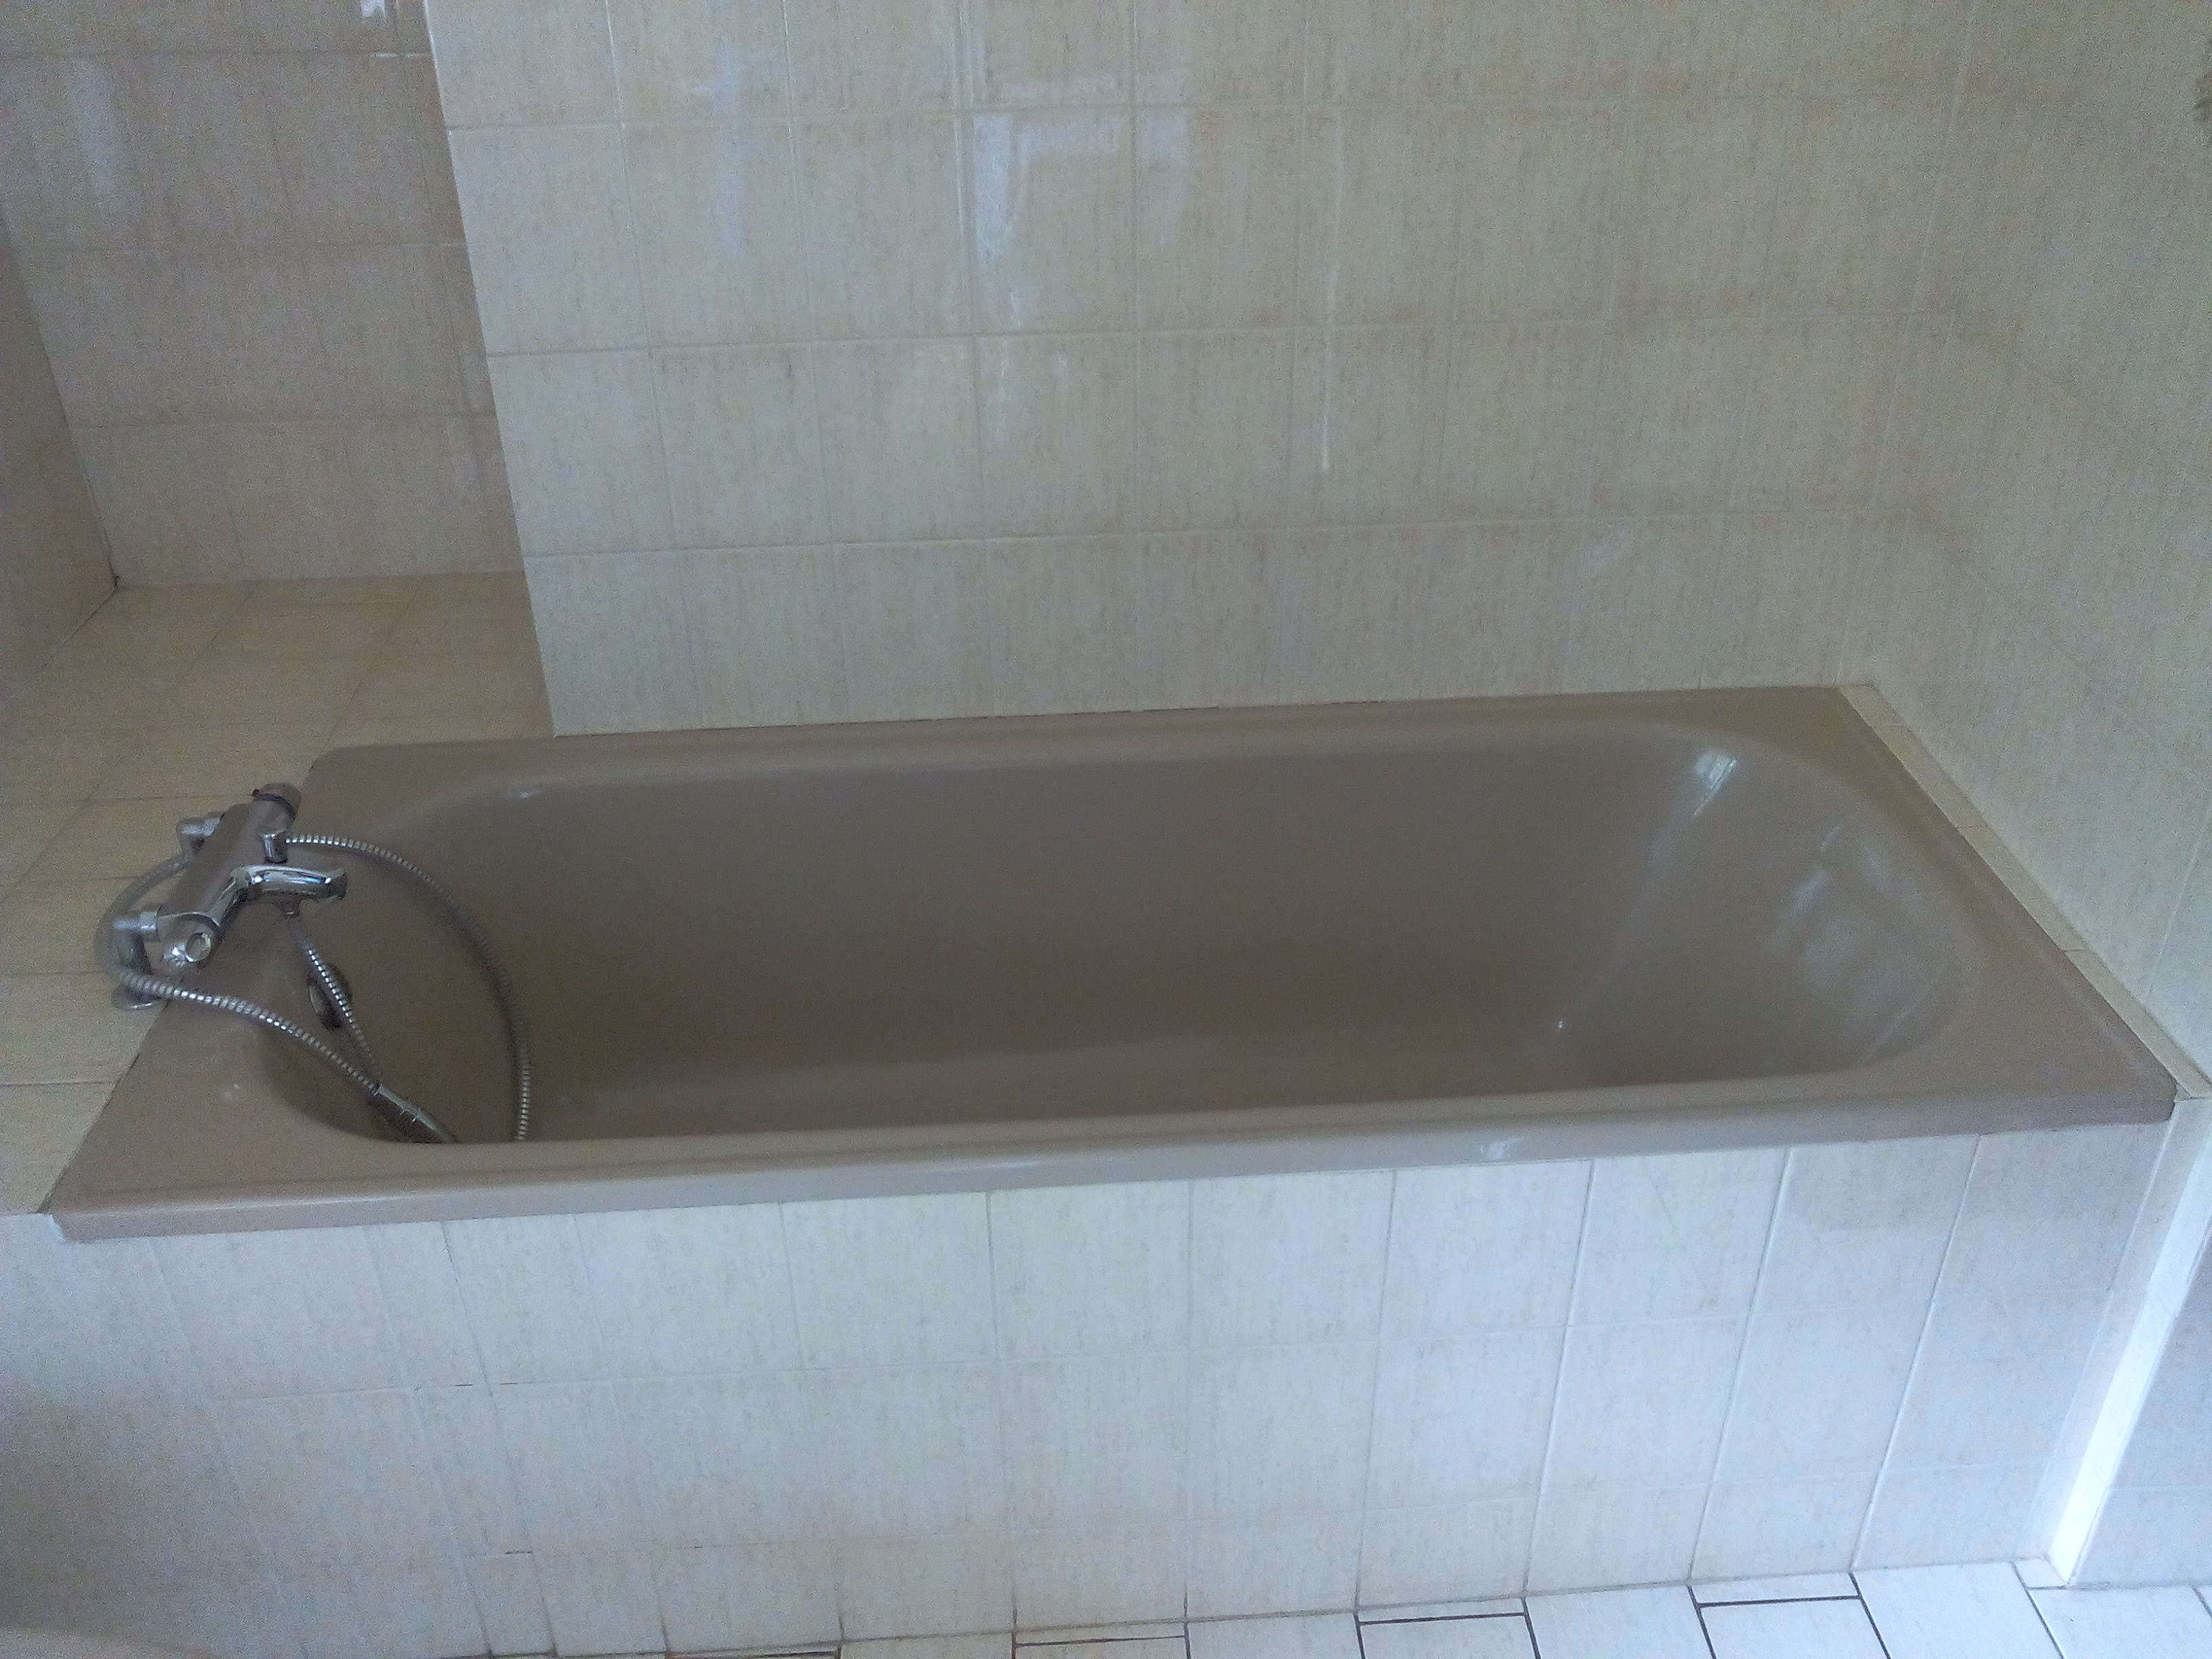 Baignoire sabot avec porte par exemple cuest une for Prix d une baignoire avec porte